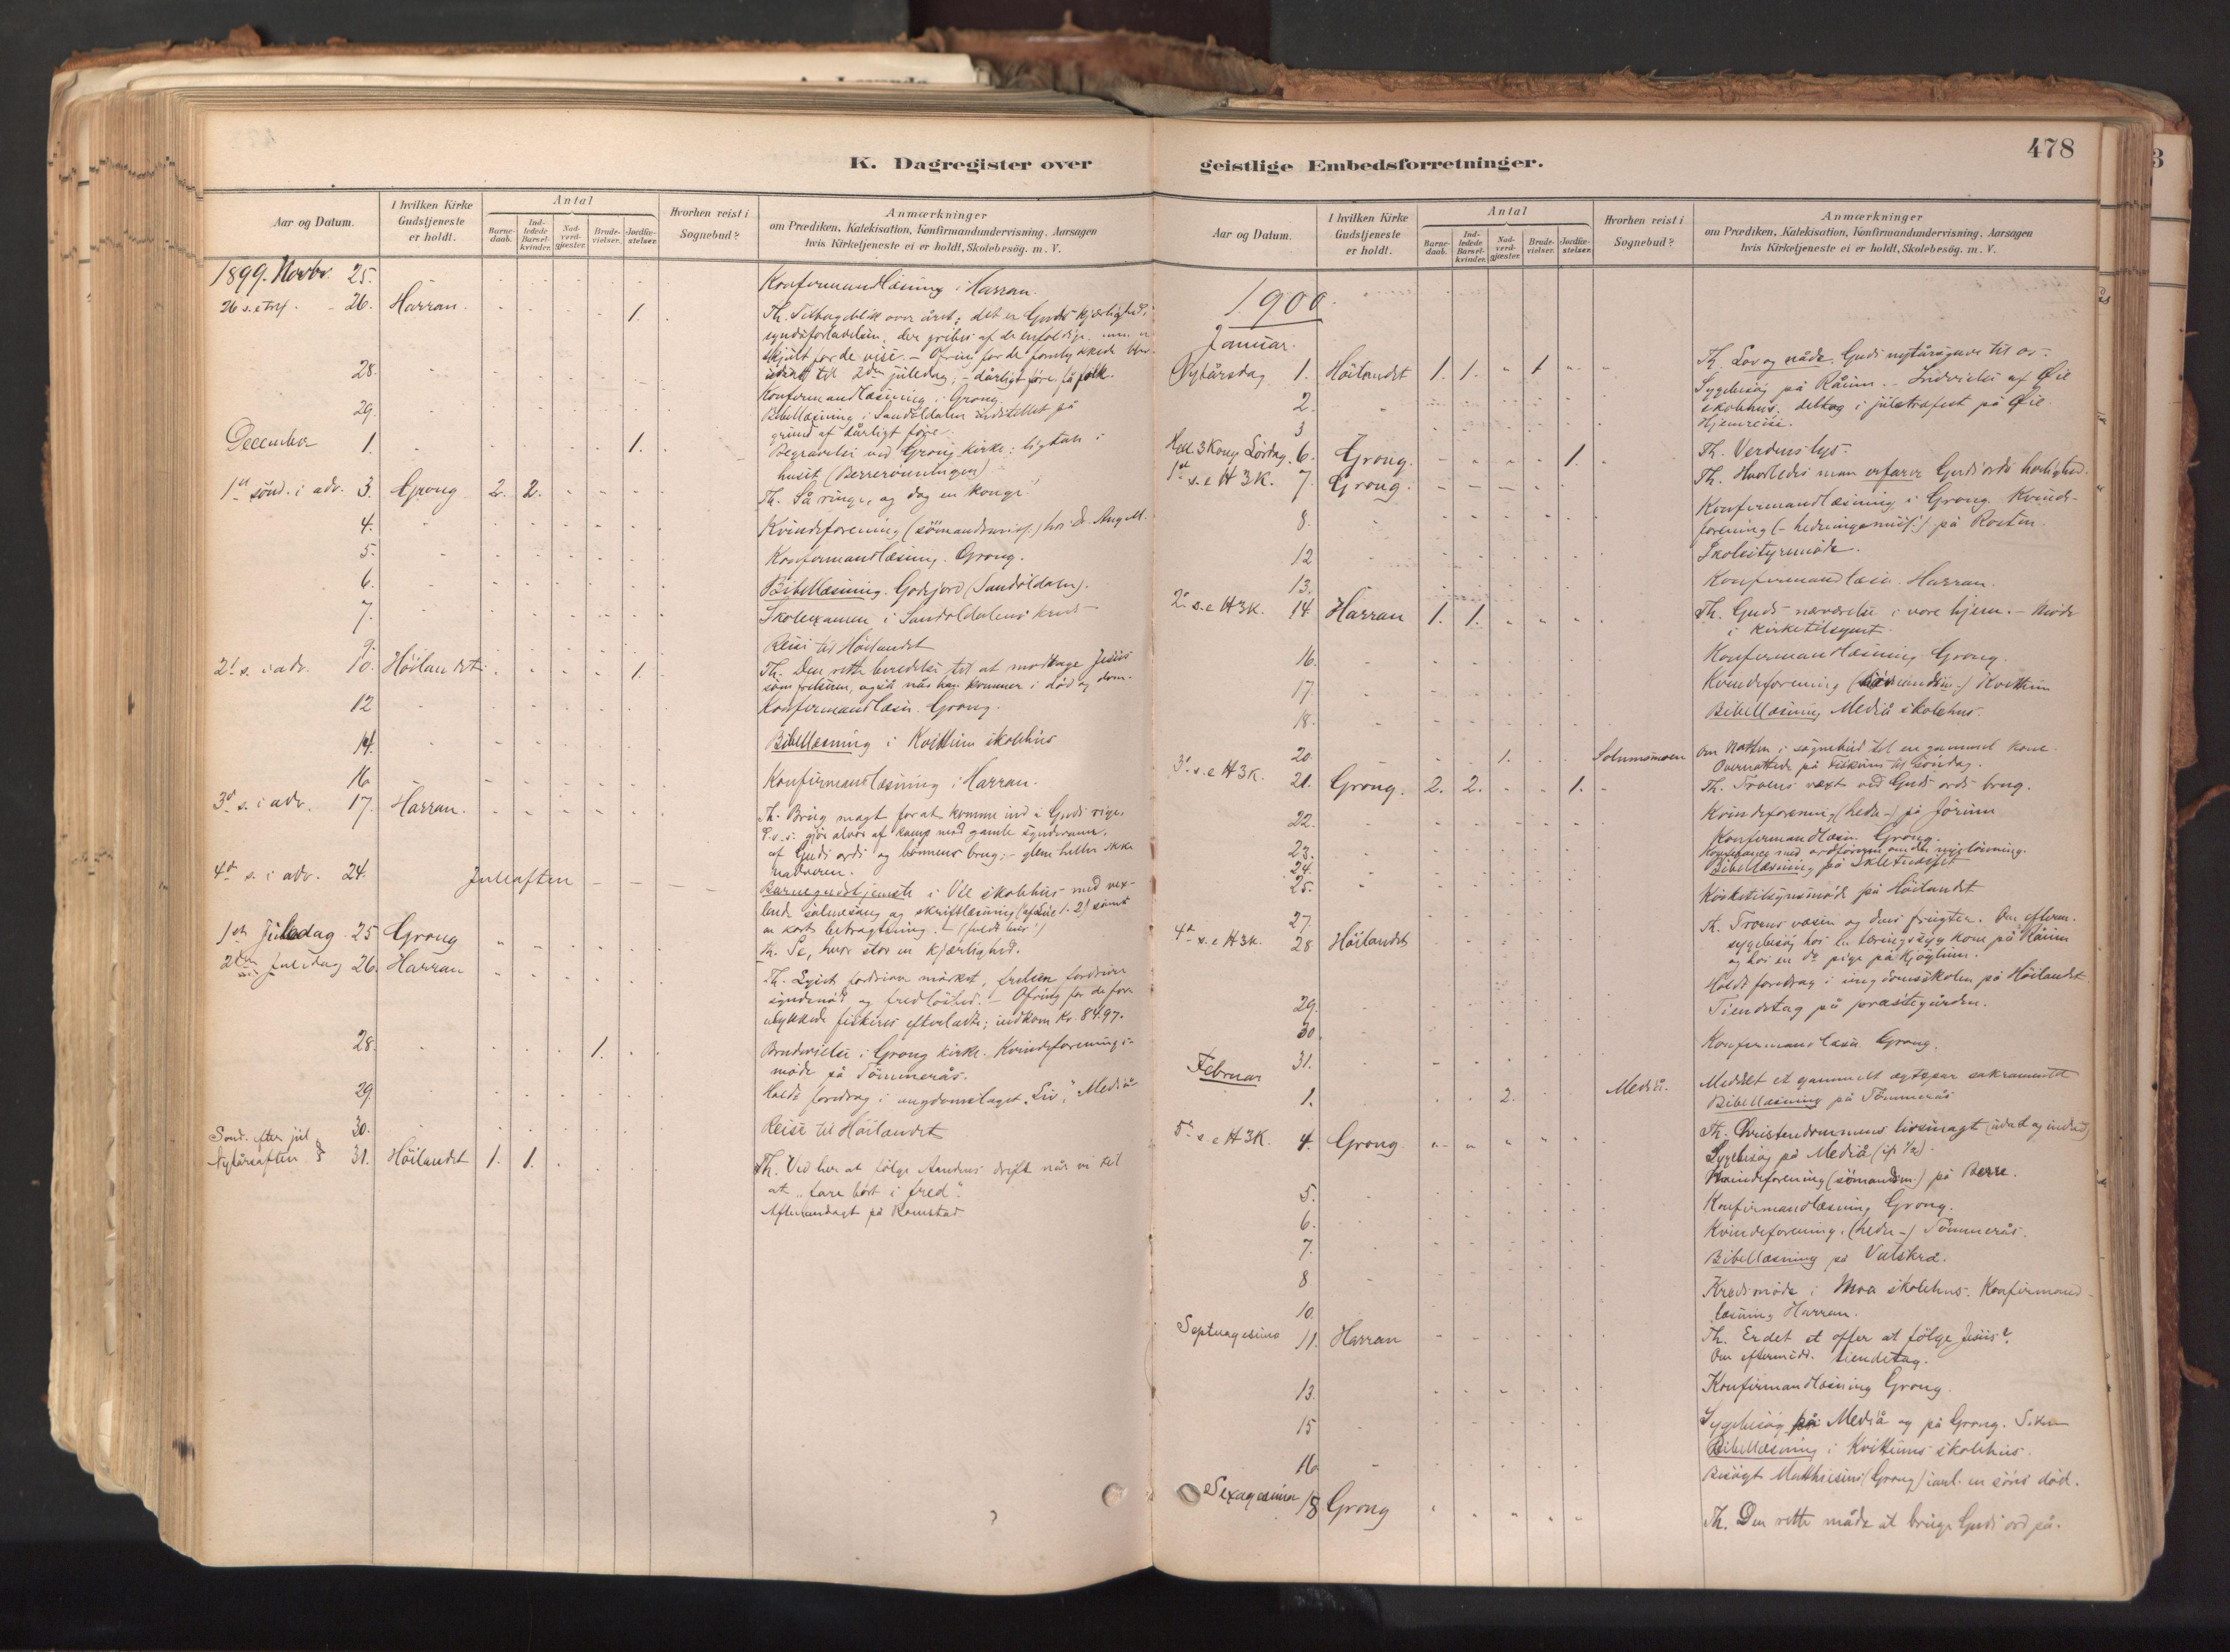 SAT, Ministerialprotokoller, klokkerbøker og fødselsregistre - Nord-Trøndelag, 758/L0519: Ministerialbok nr. 758A04, 1880-1926, s. 478